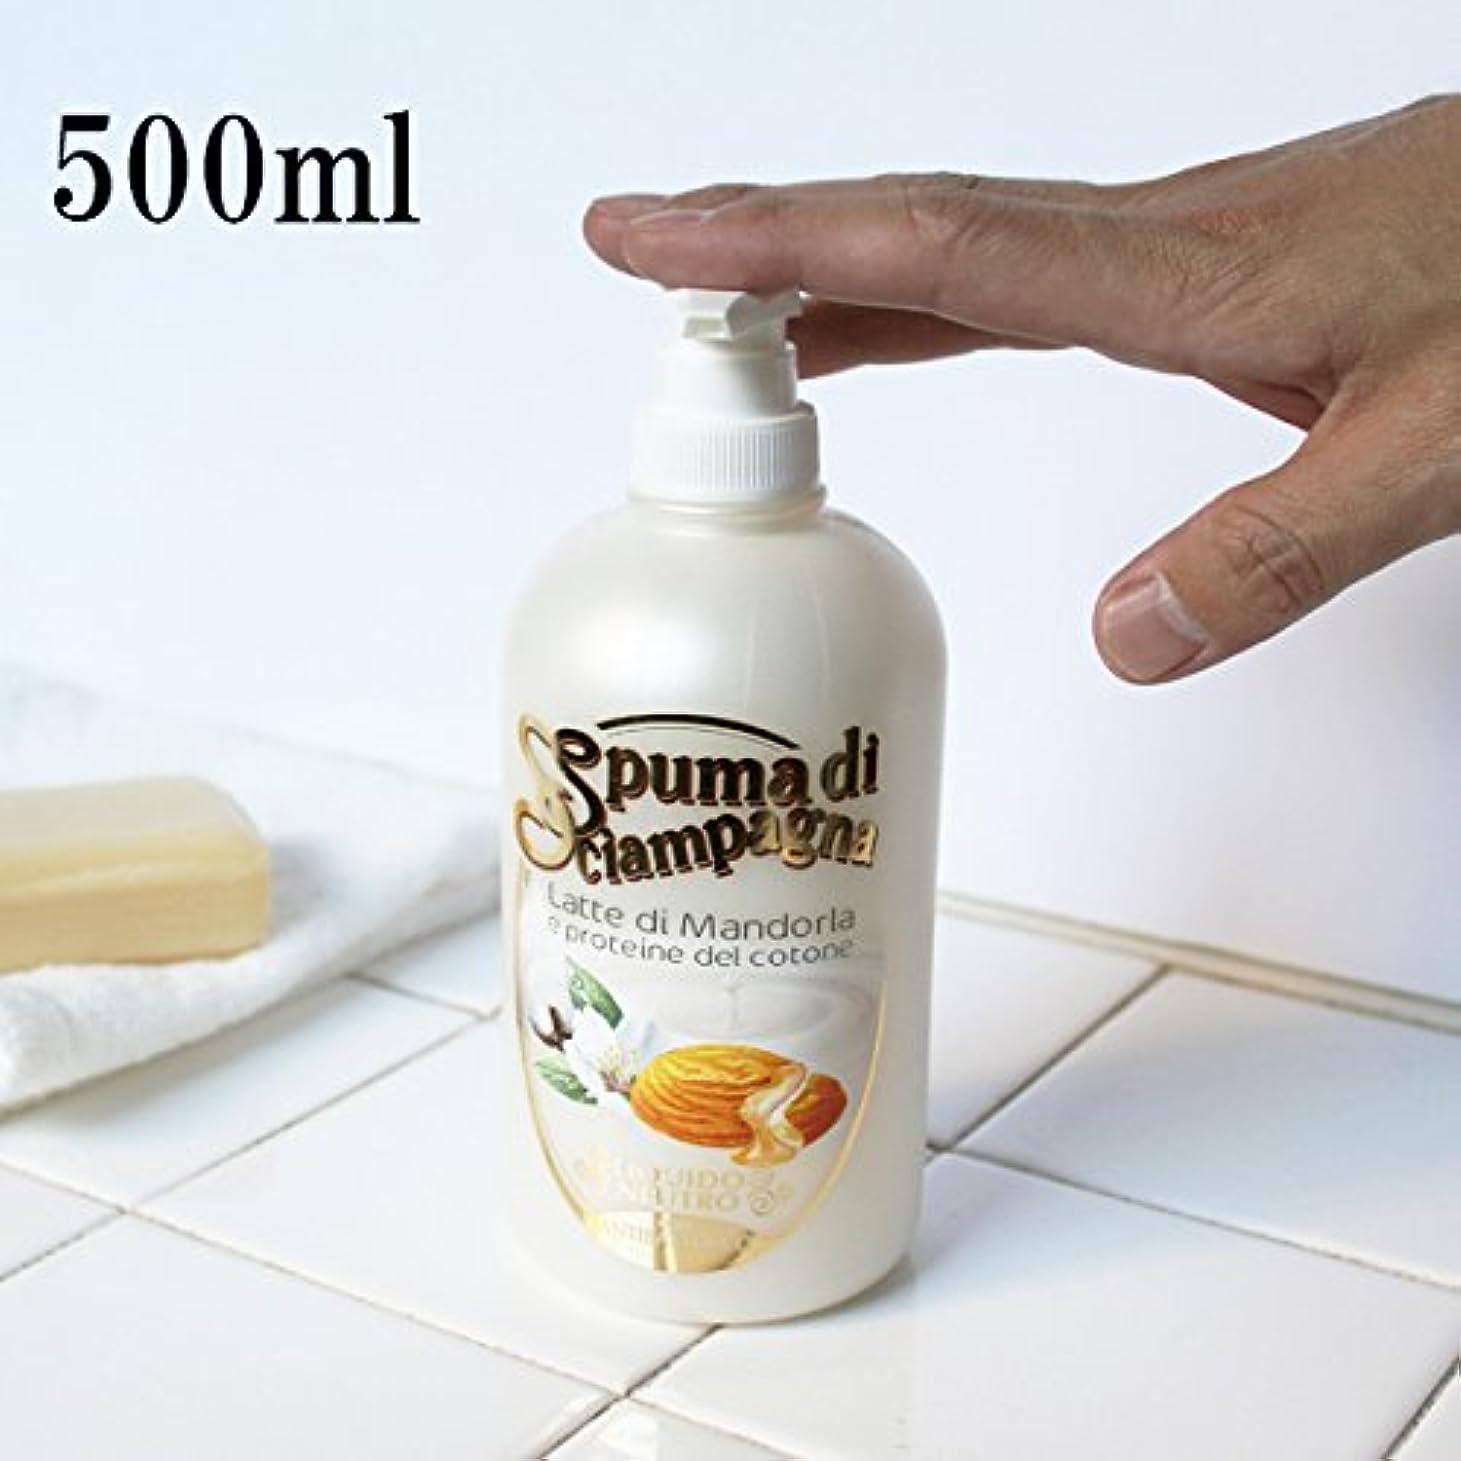 雇用真剣に硫黄Spuma di Sciampagna (スプーマ ディ シャンパーニャ) リキッドソープ 500ml アーモンドの香り